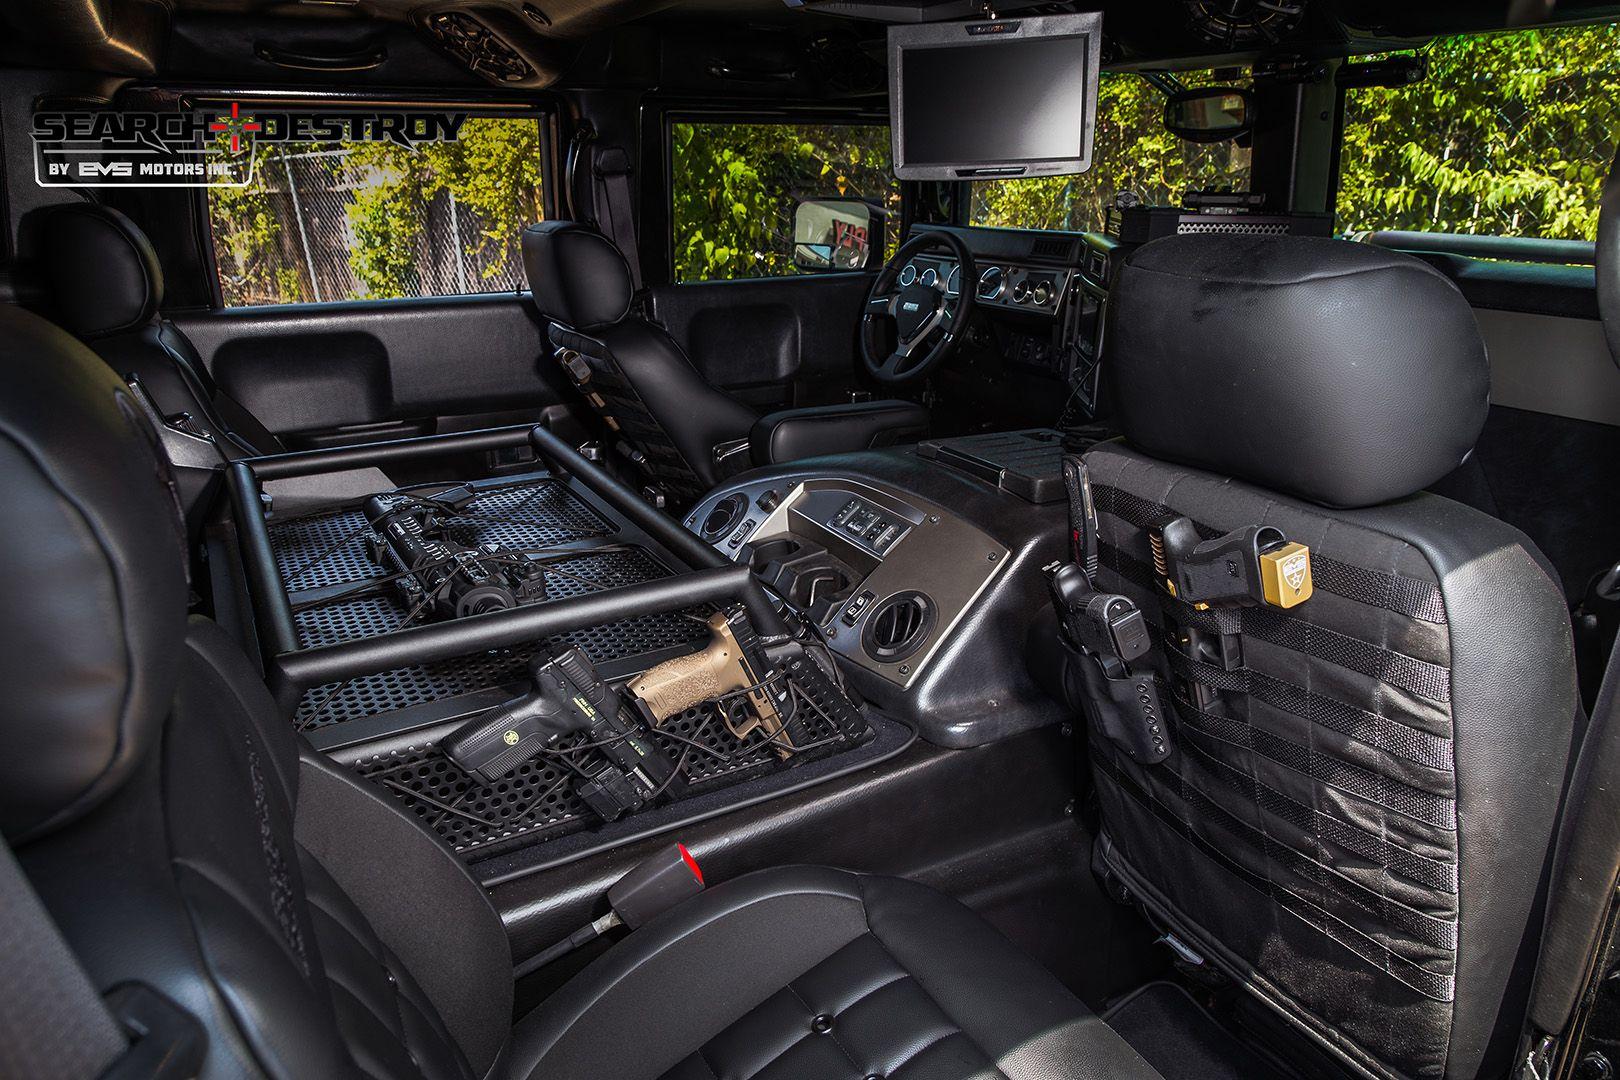 Worksheet. Hummer H1 Tactical Search  Destroy Tier 1 For Sale  EVS Motors